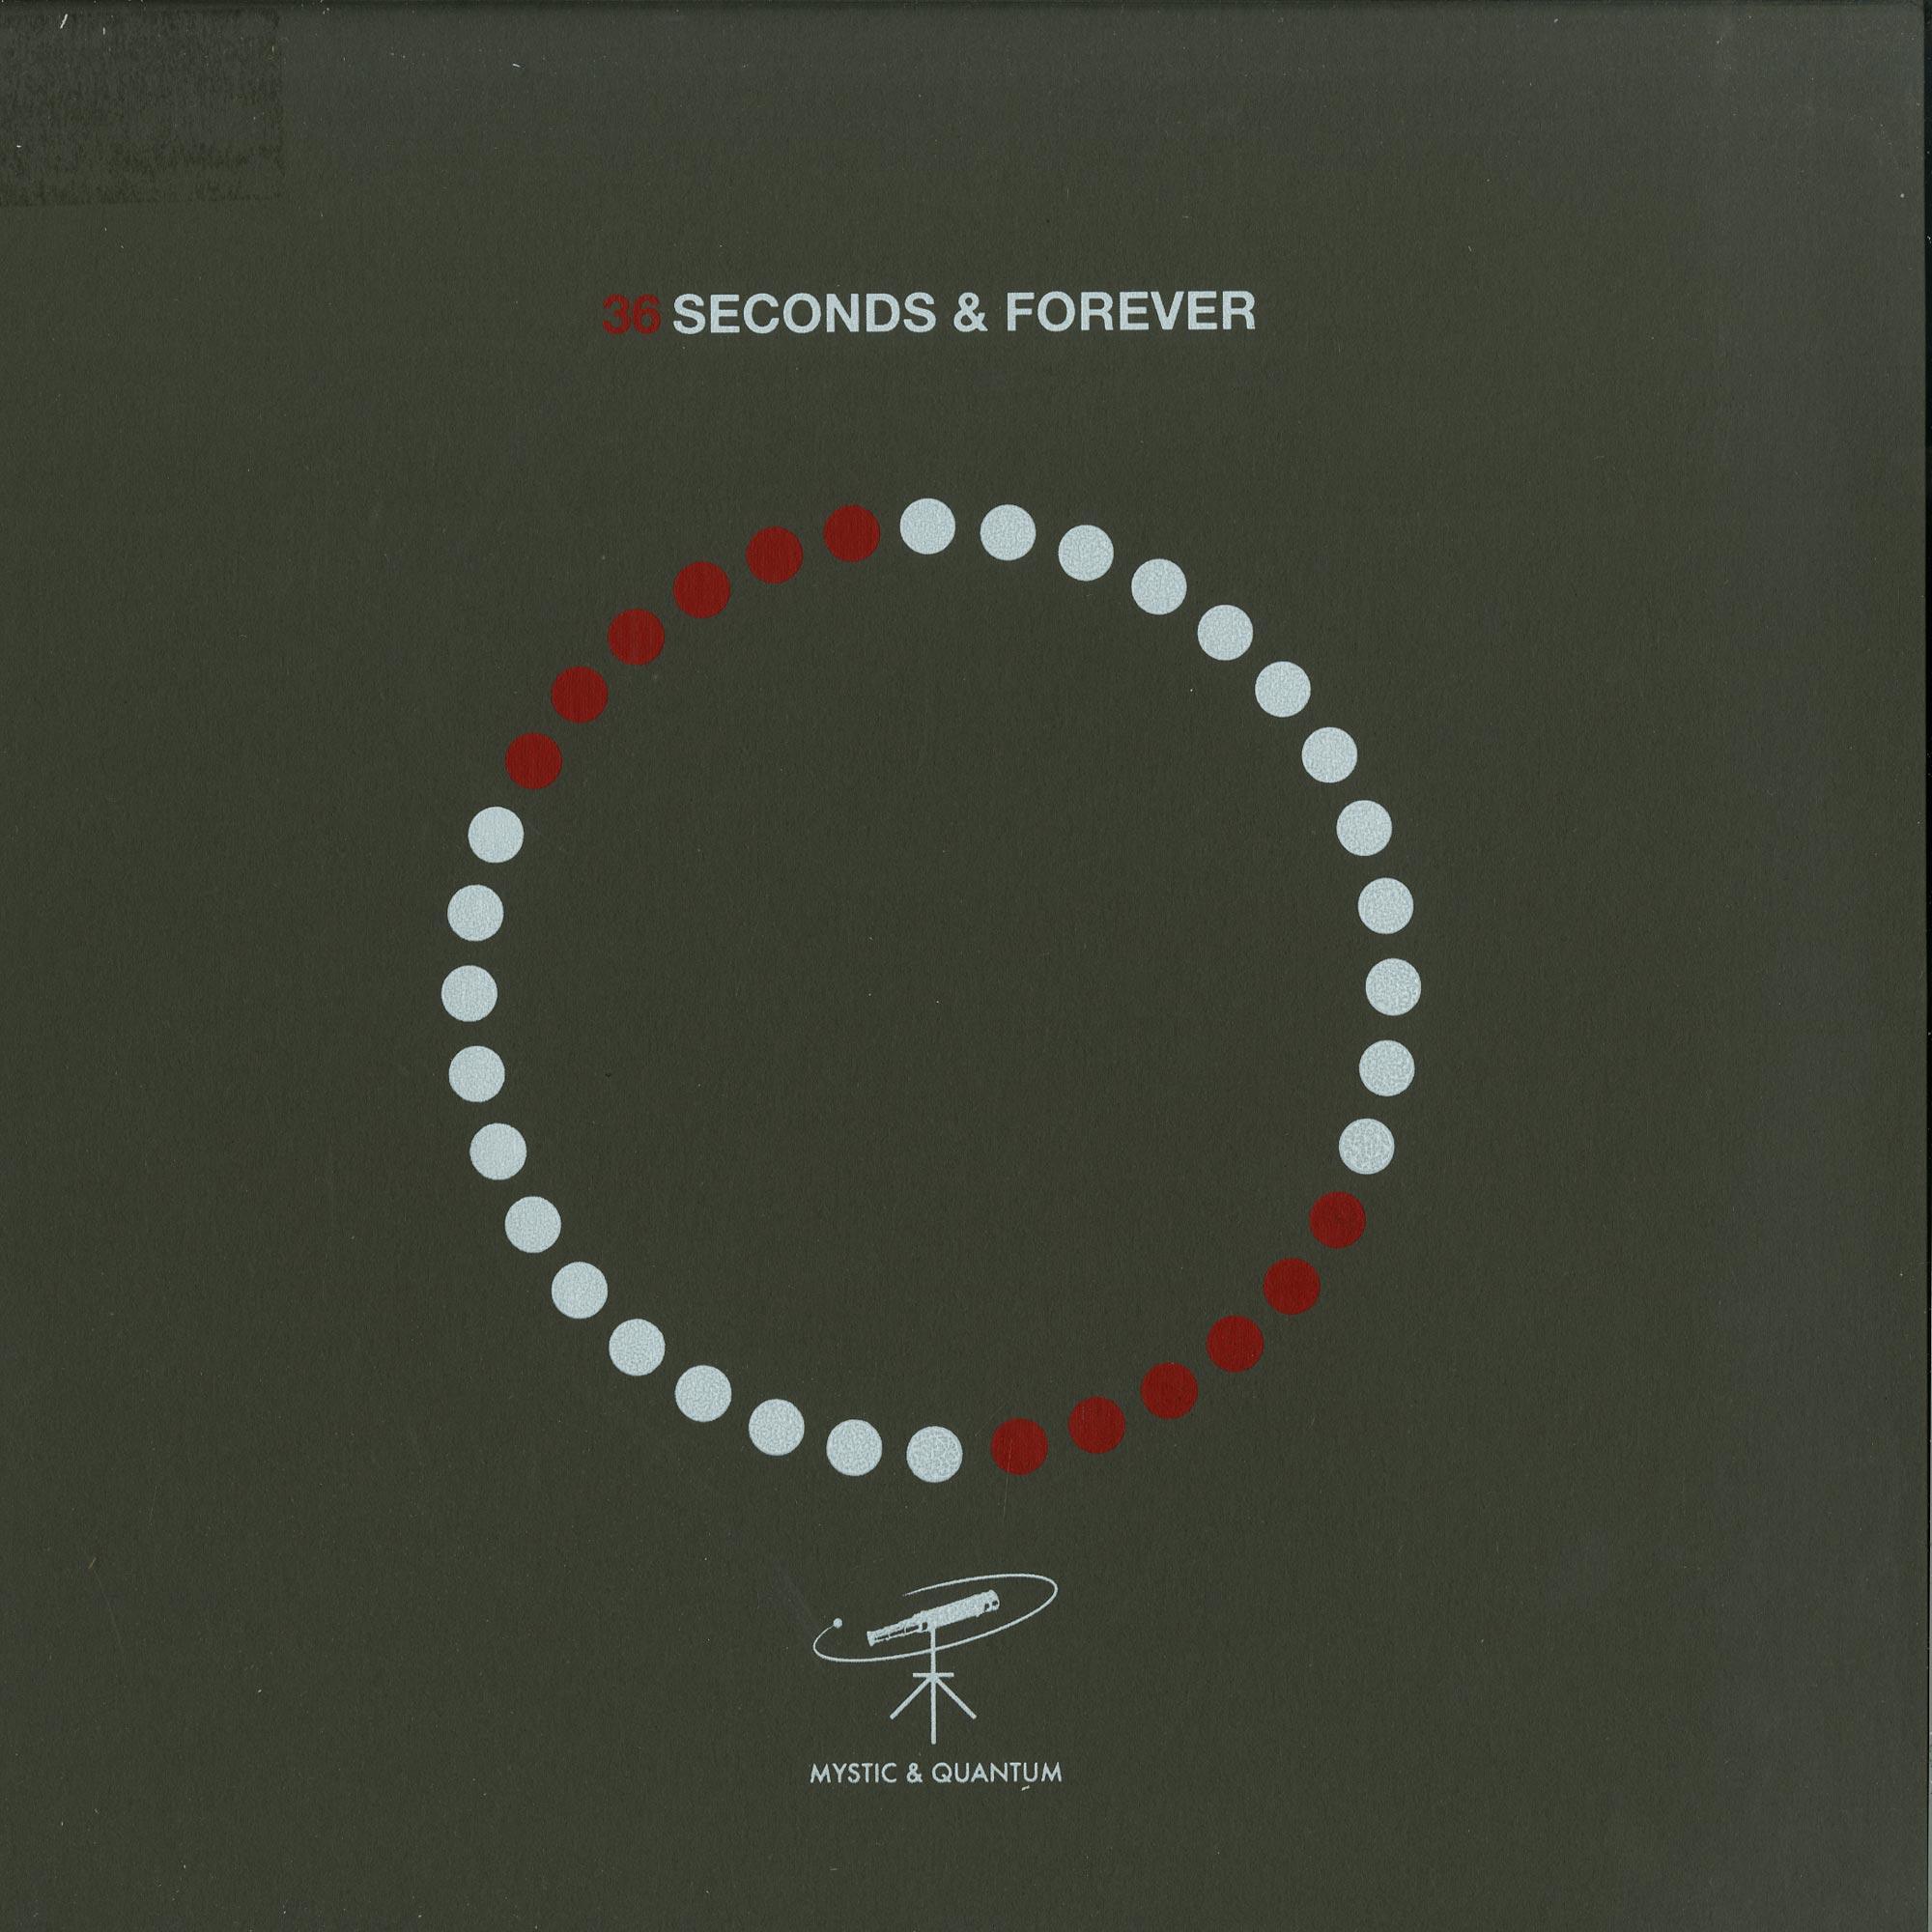 36 - Seconds & Fiorever